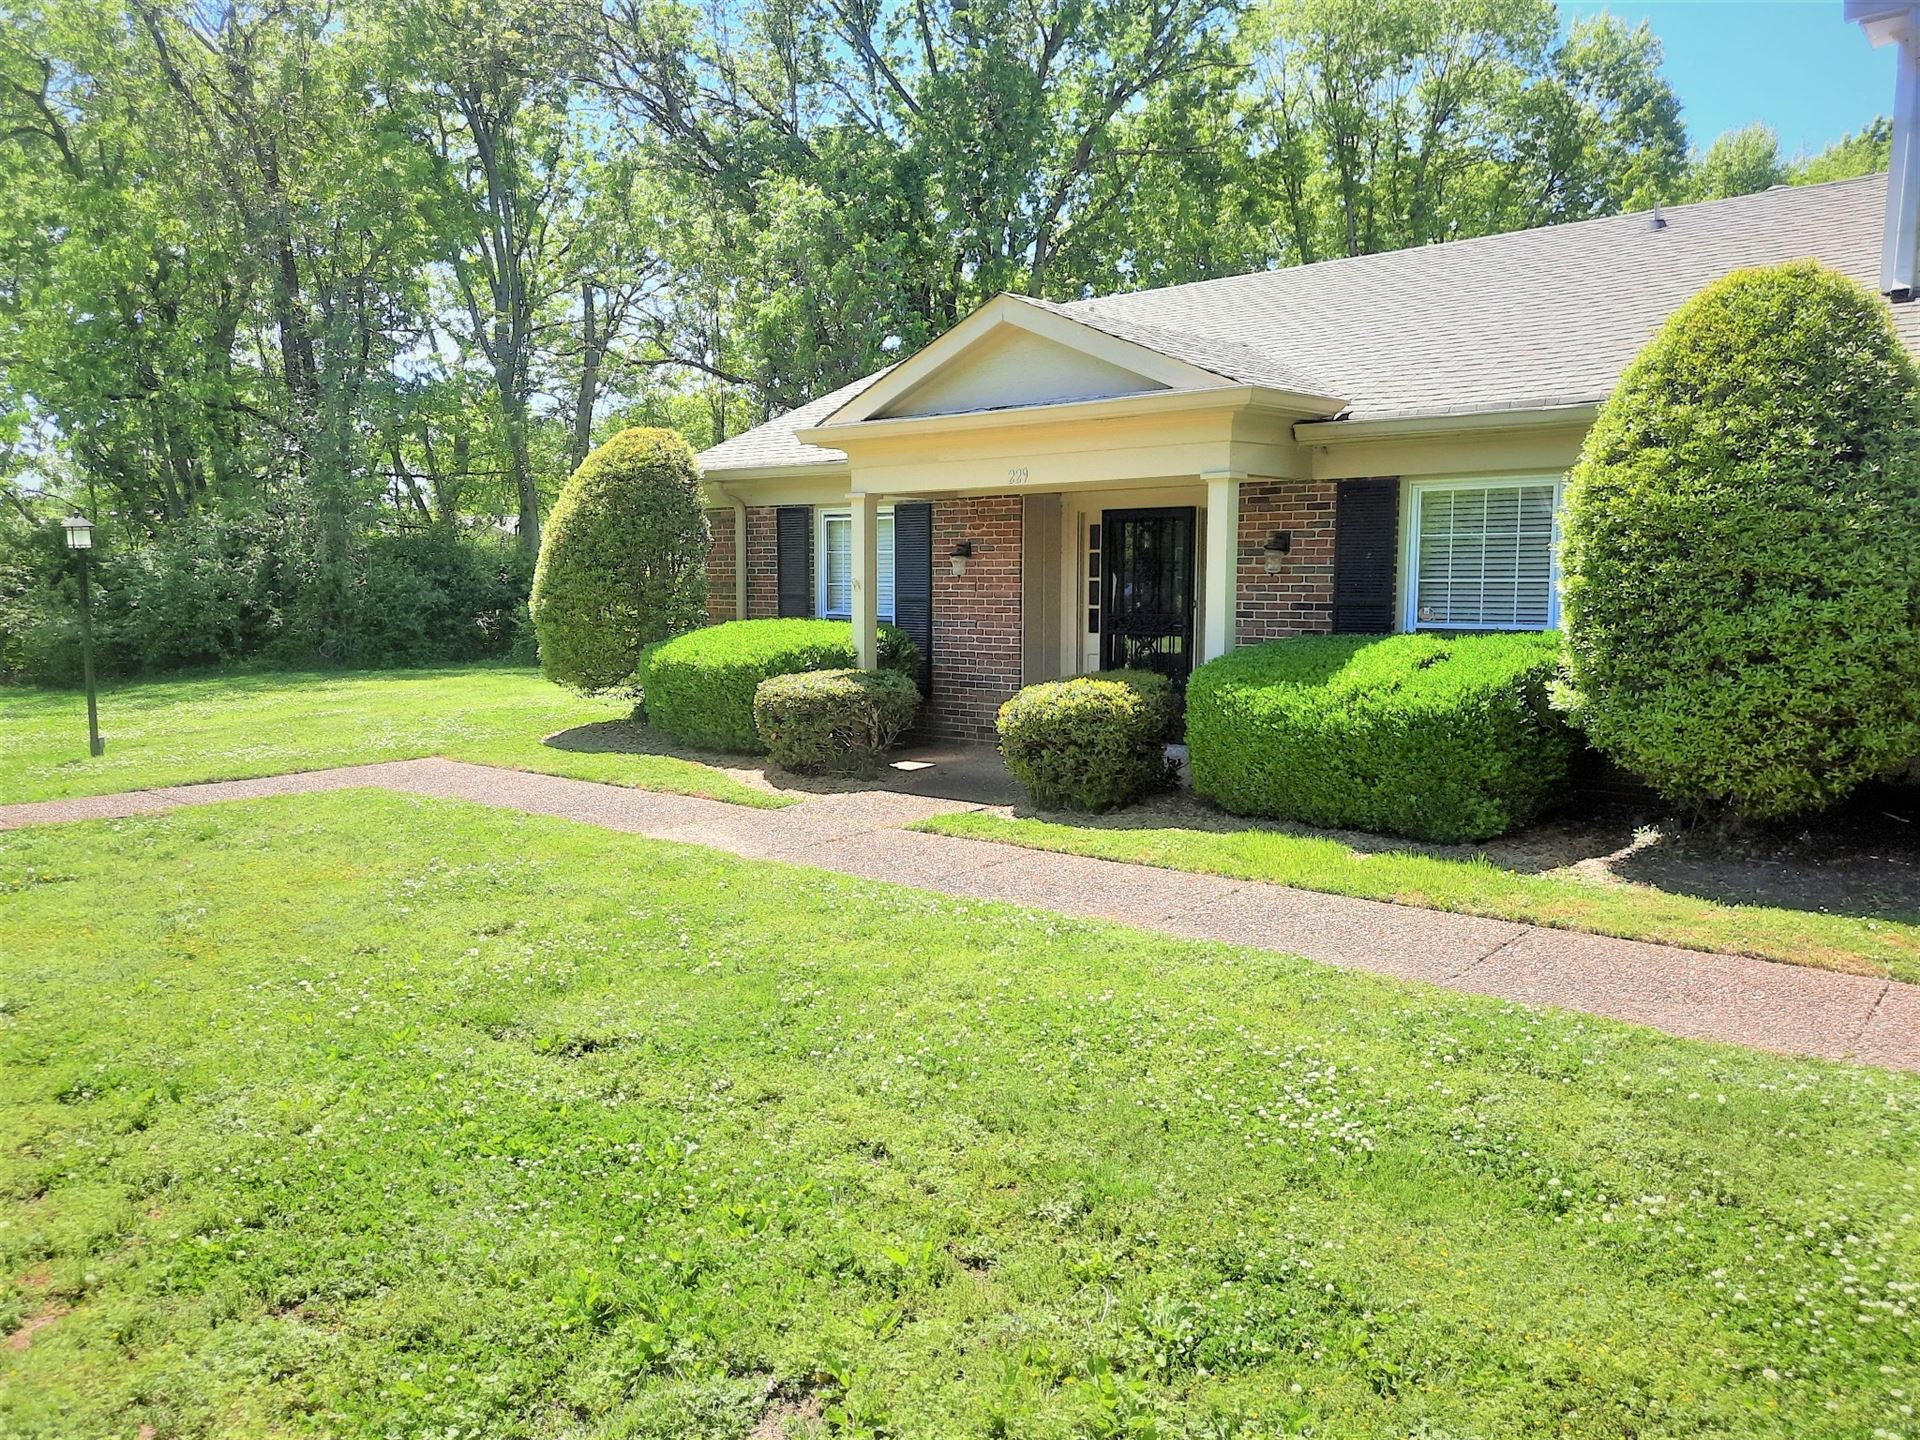 229 Plantation Ct #229, Nashville, TN 37221 - MLS#: 2249840